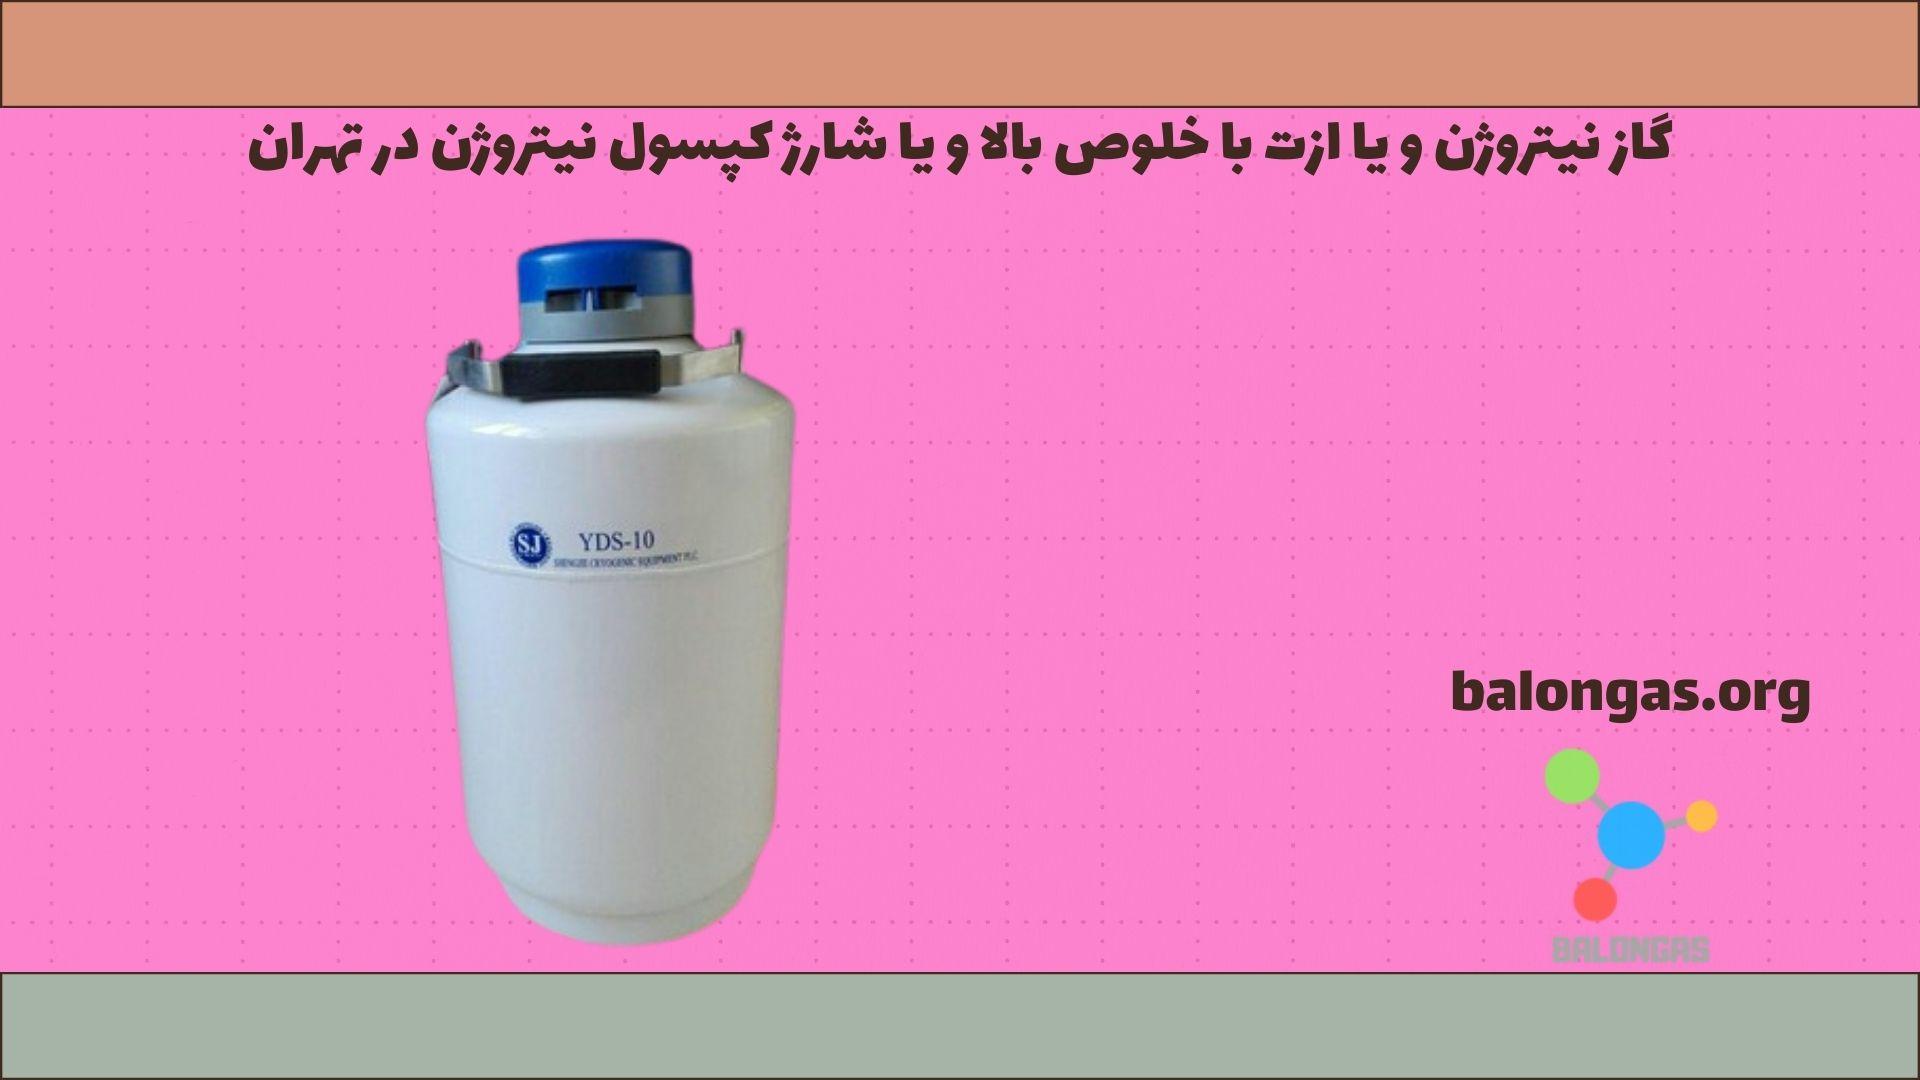 گاز نیتروژن و یا ازت با خلوص بالا و یا شارژ کپسول نیتروژن در تهران